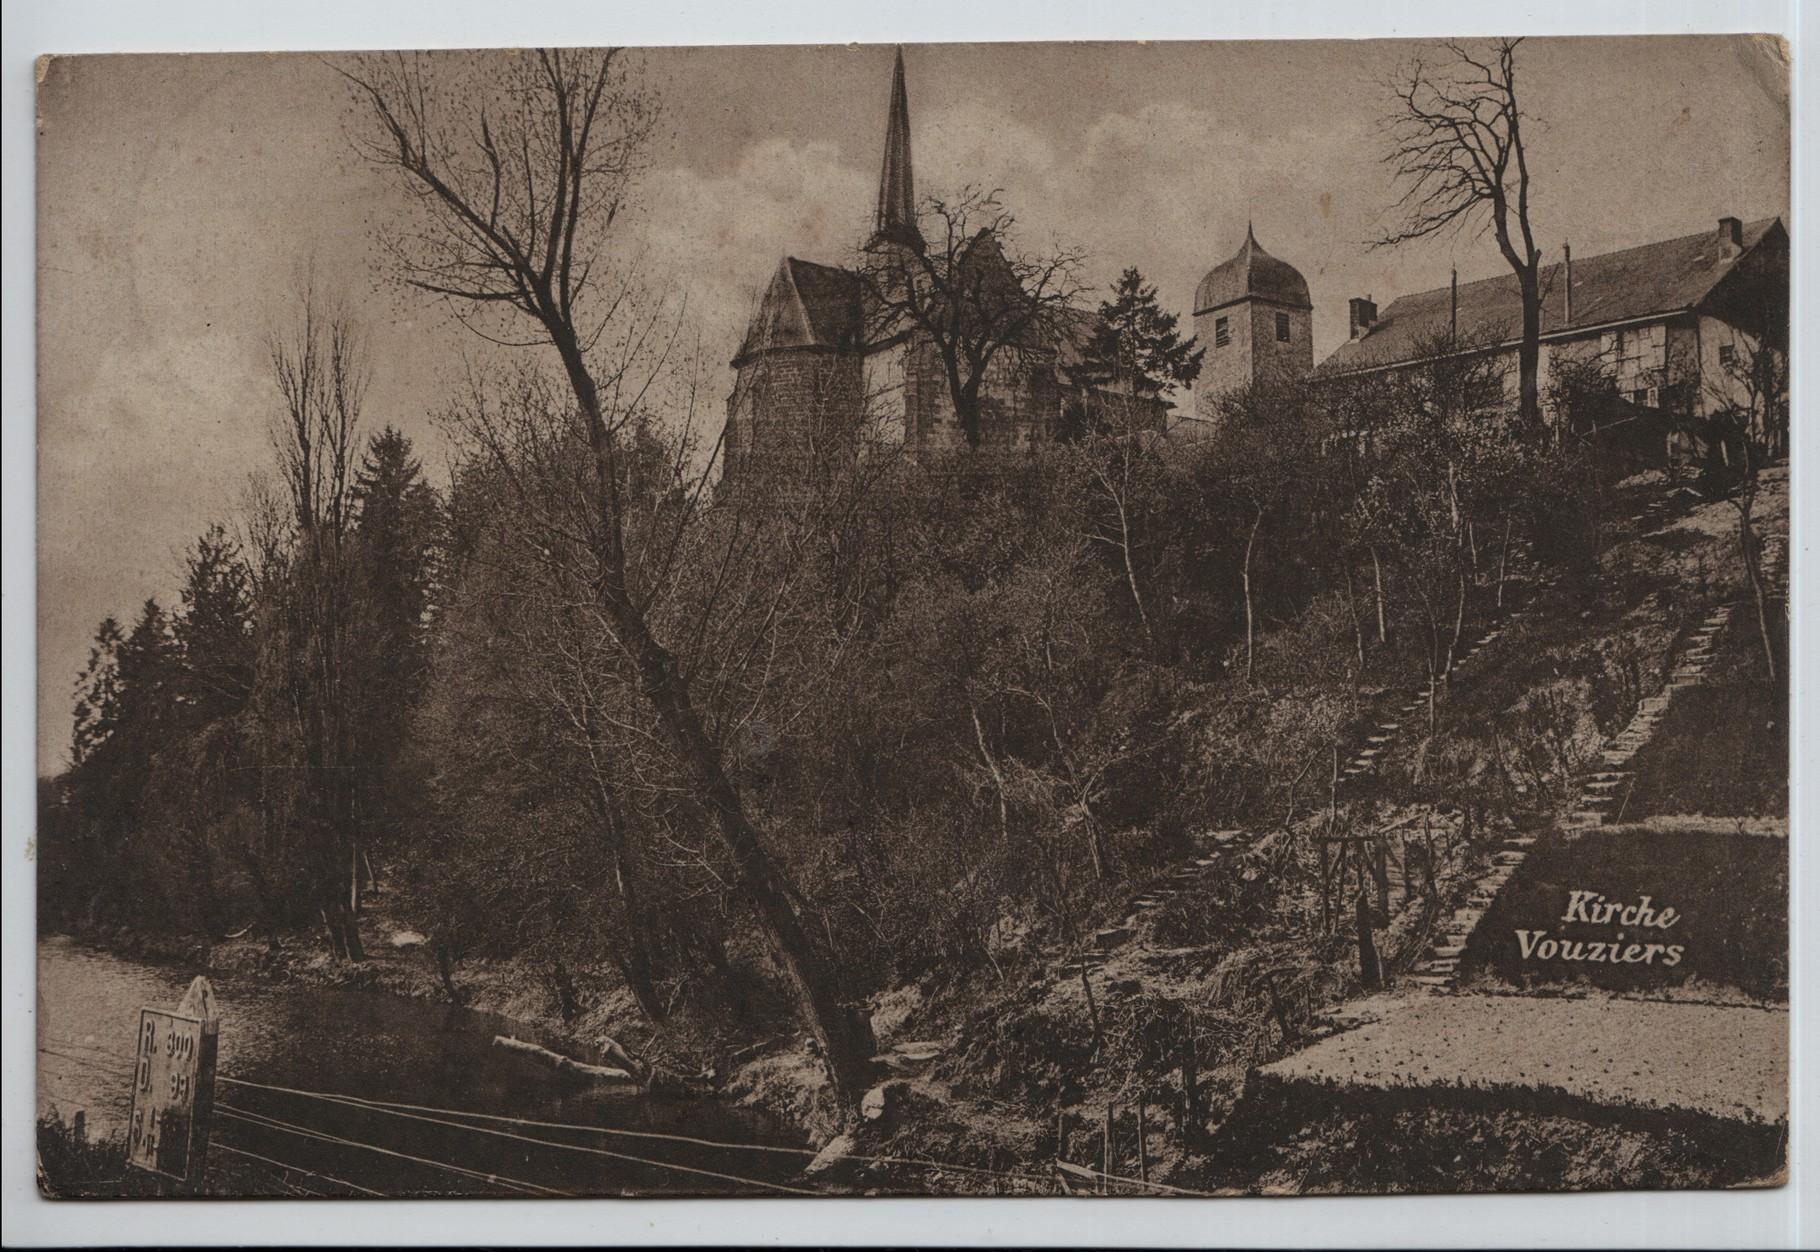 14. Vouziers church